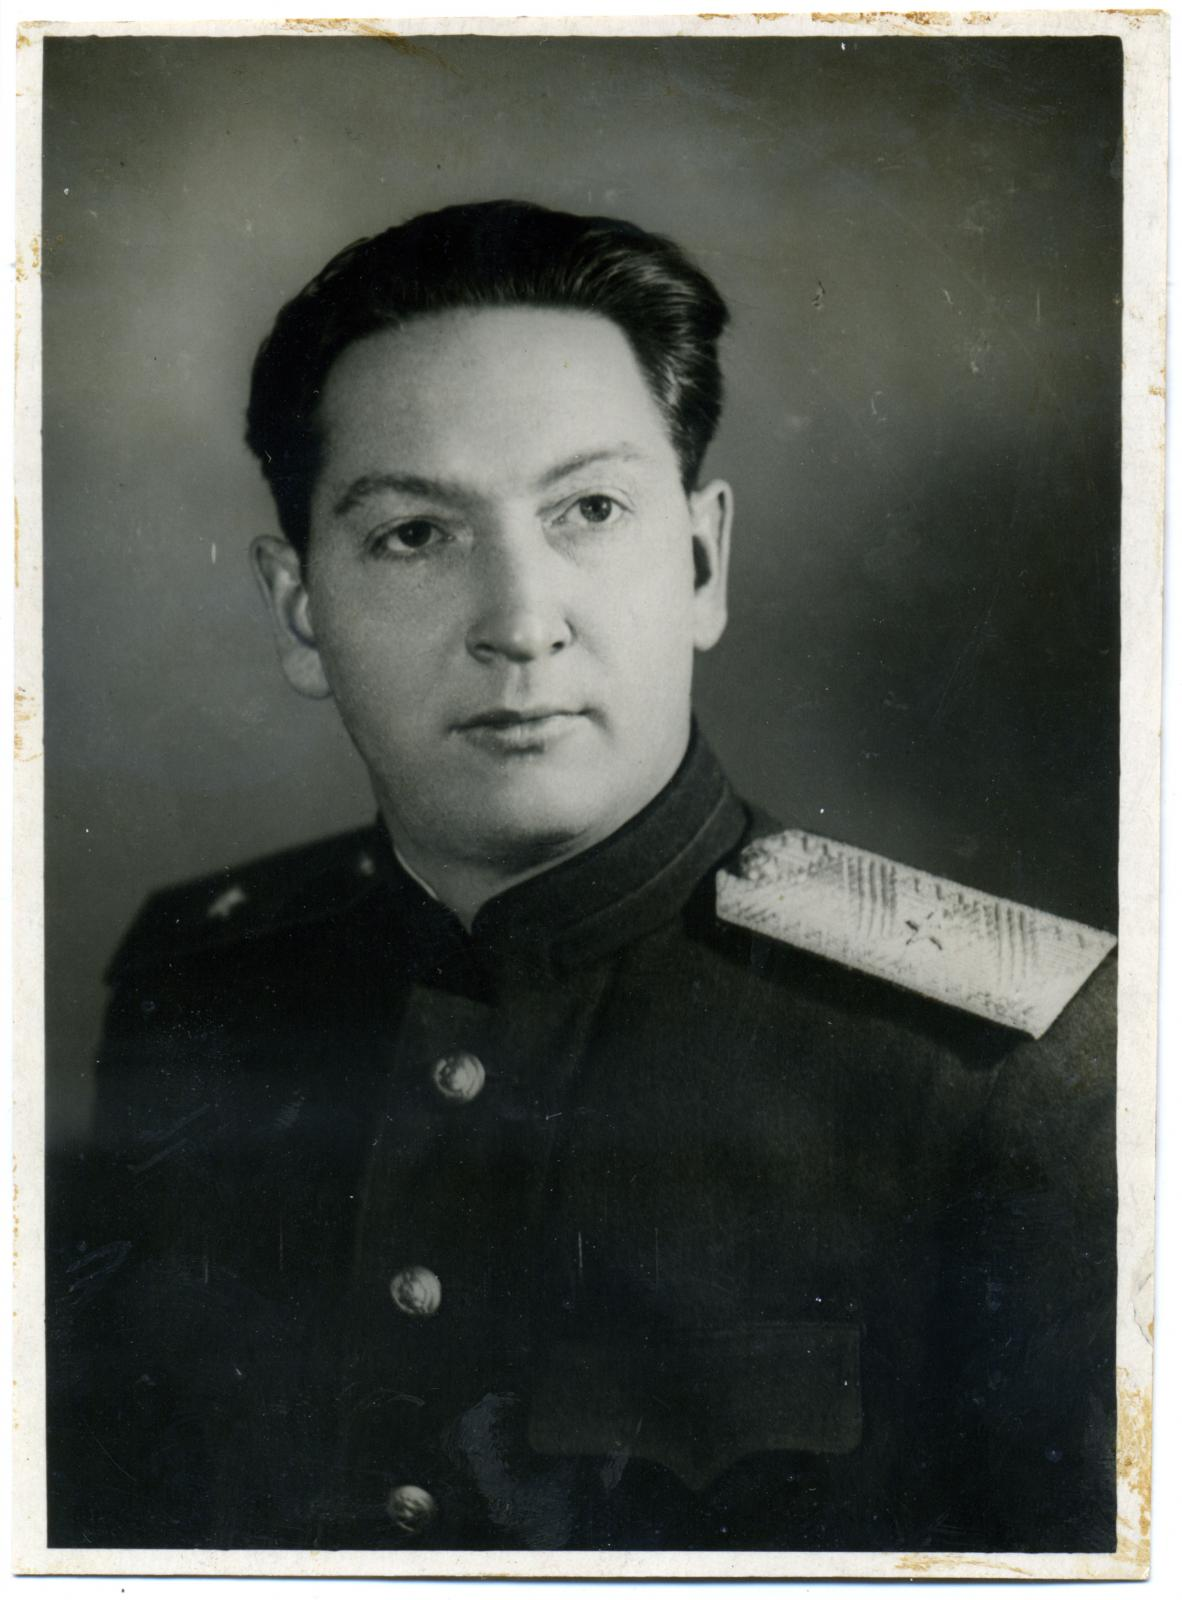 Питовранов Евгений Петрович - нарком госбезопасности Узбекской ССР